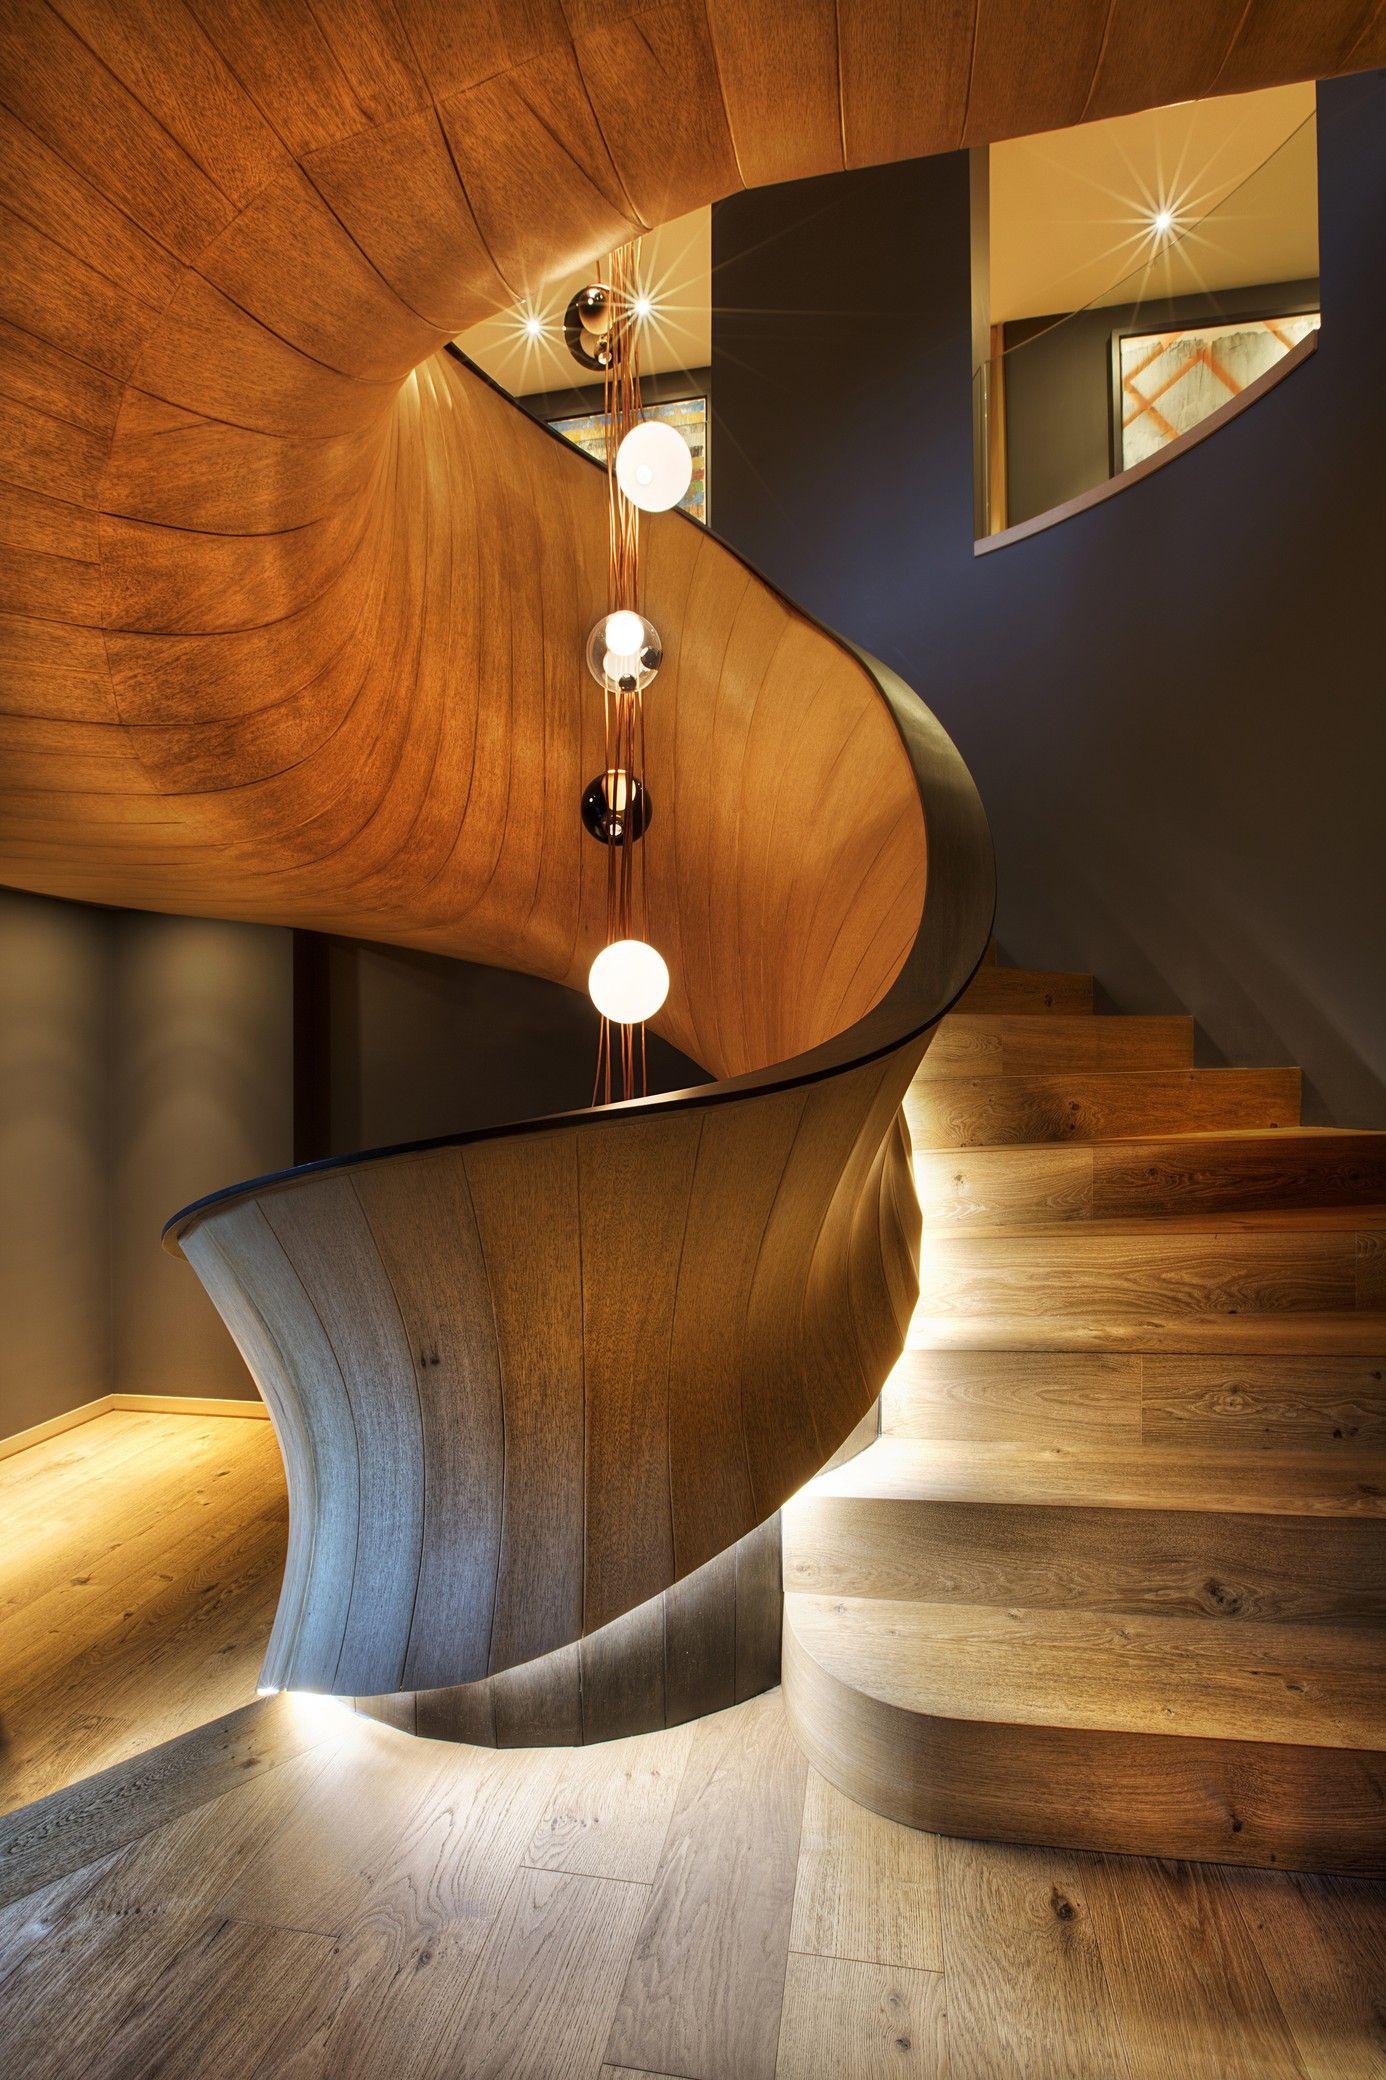 Bahçeköy House in 2018 | Stairs | Pinterest | Treppe, Stiegen und Stufen